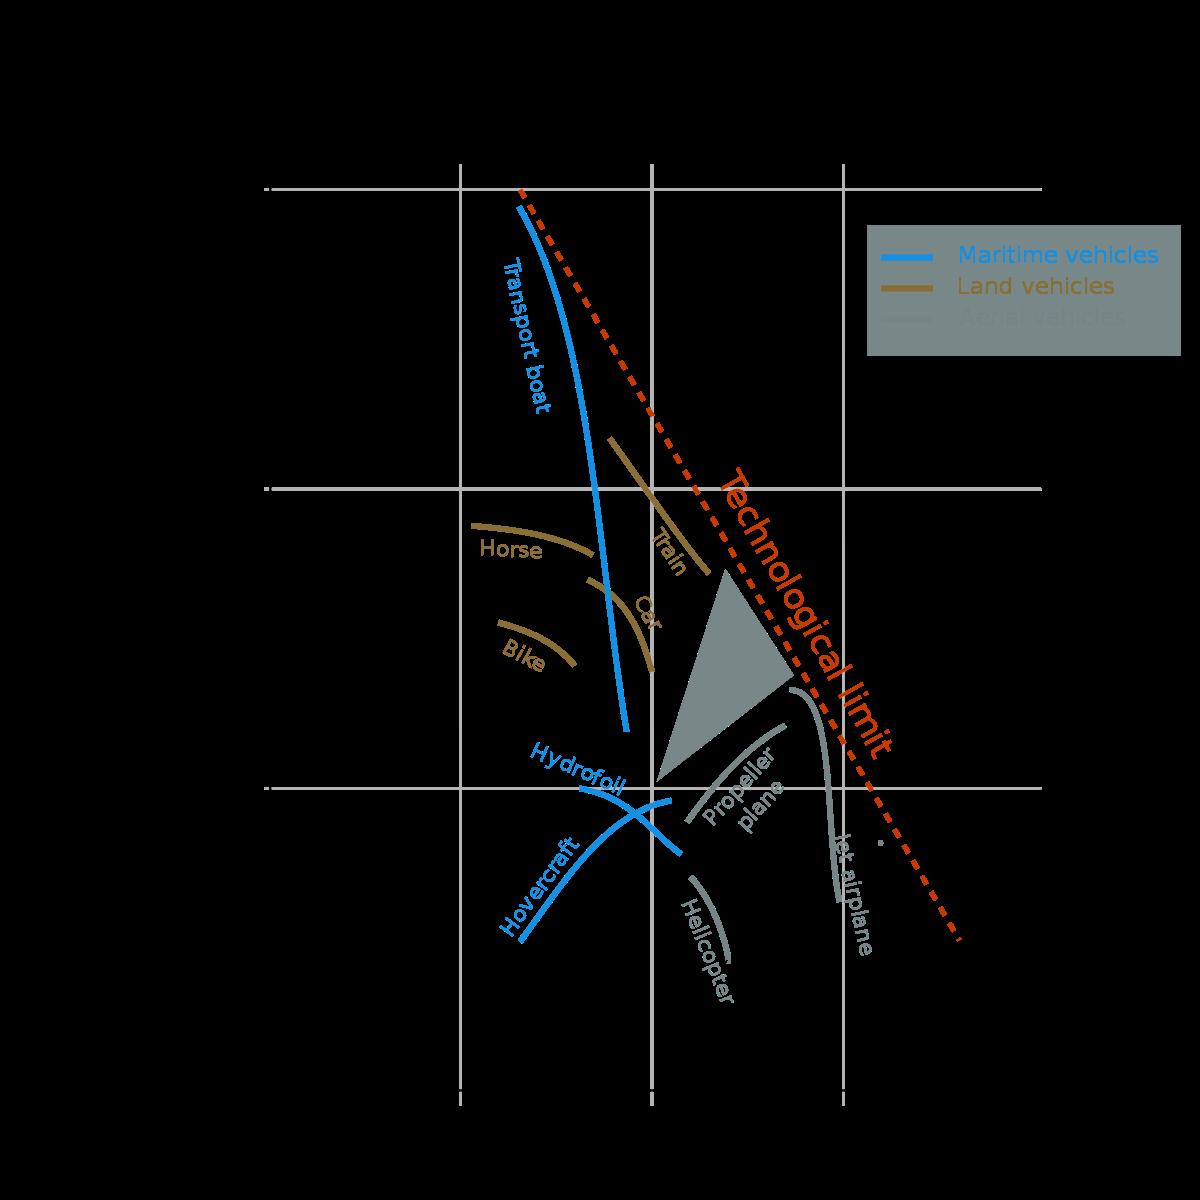 okof táblázat a látásélességért